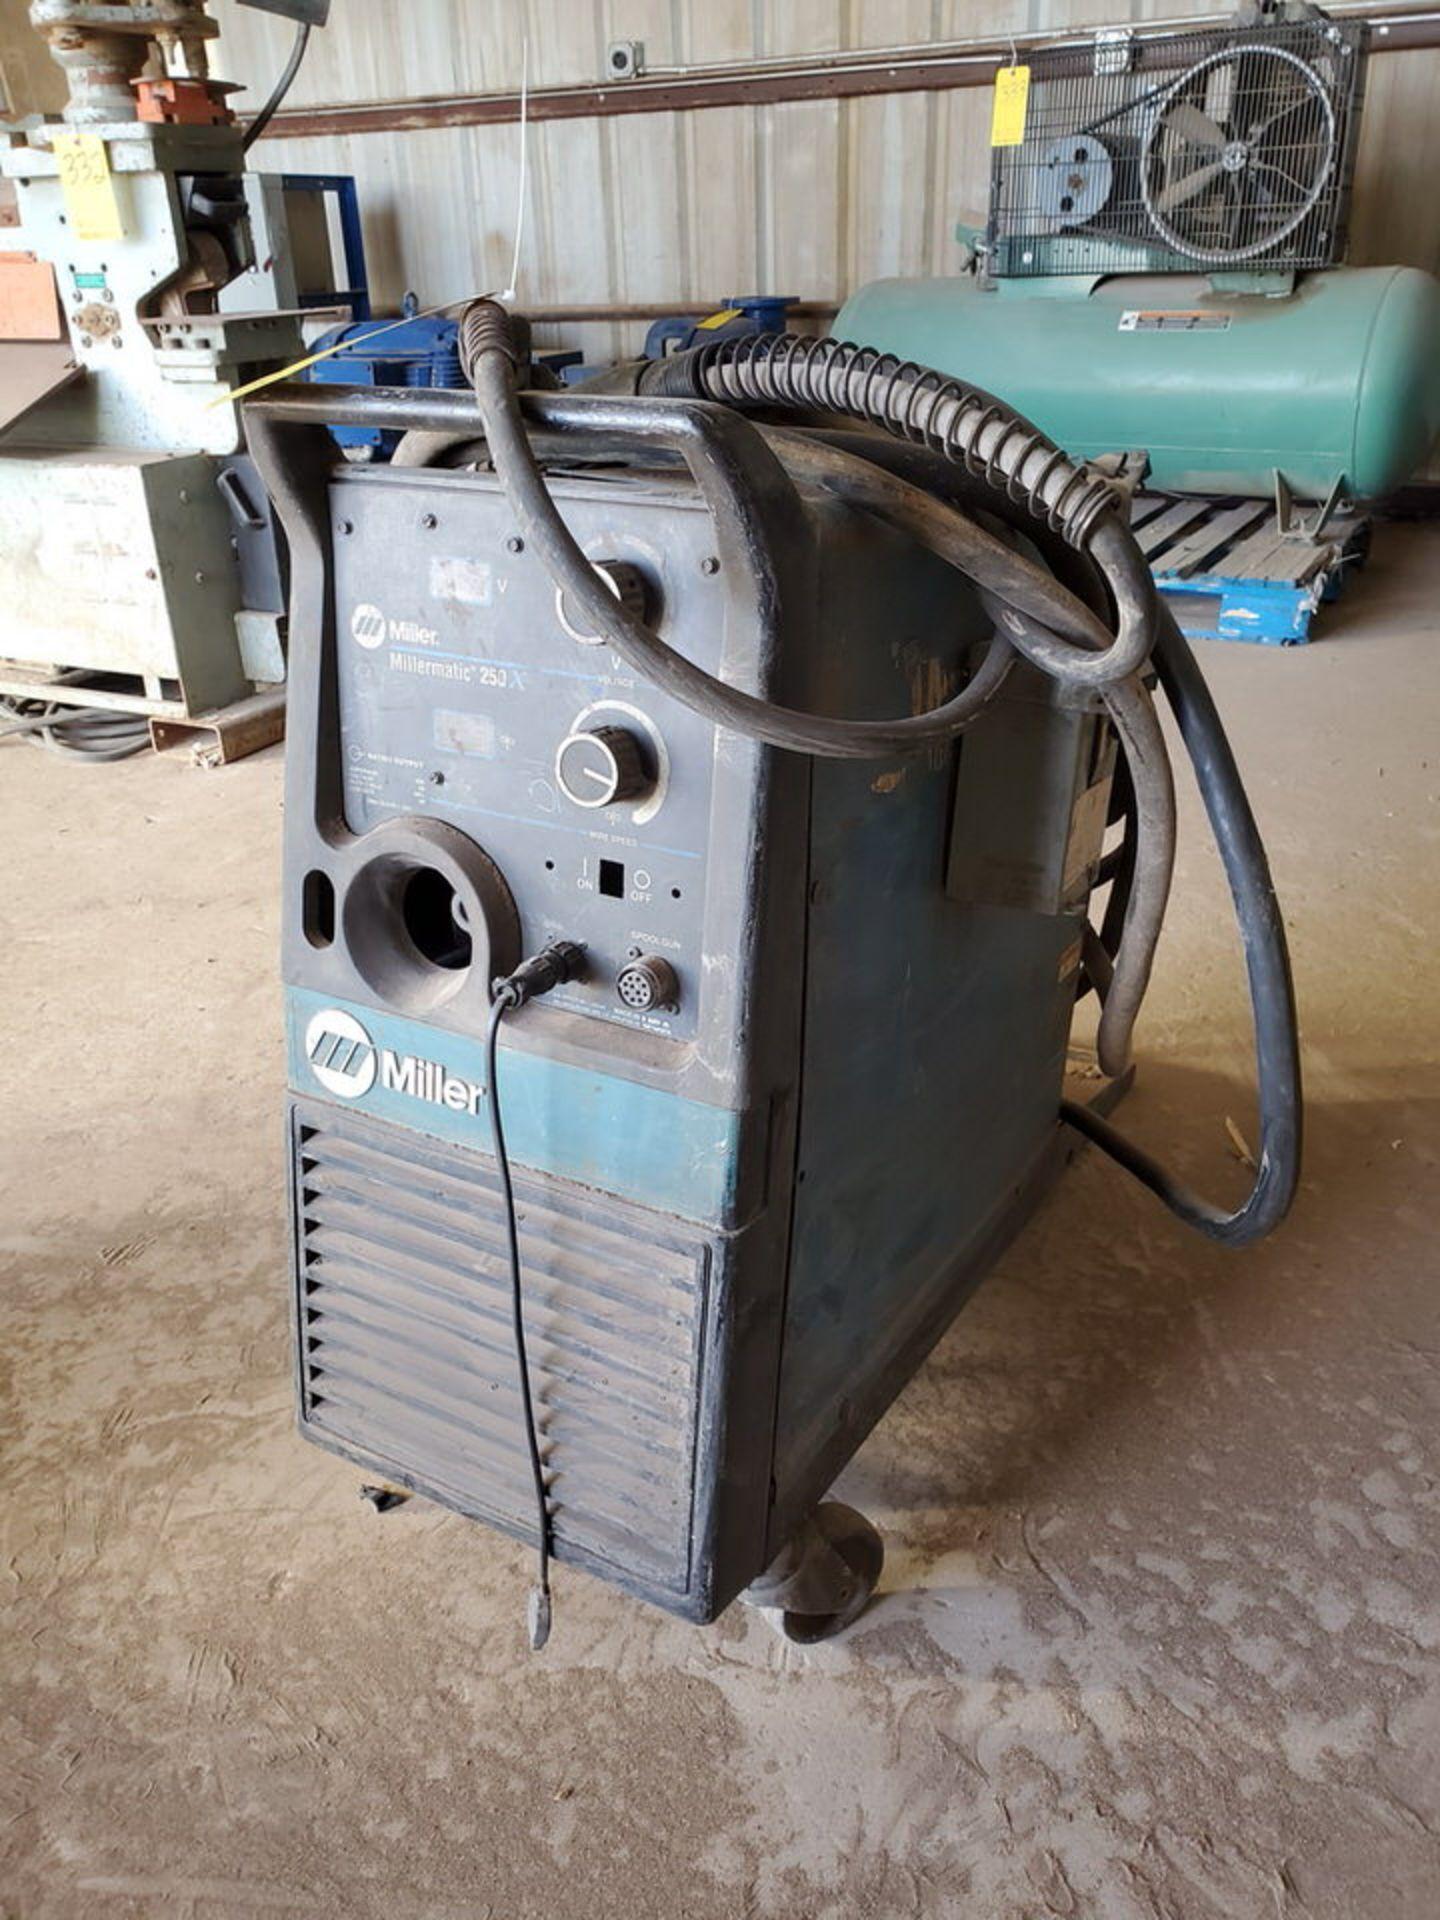 Miller Millermatic 250 Plasma Cutter 200/230V, 48/42A, 1PH, 60HZ - Image 3 of 7